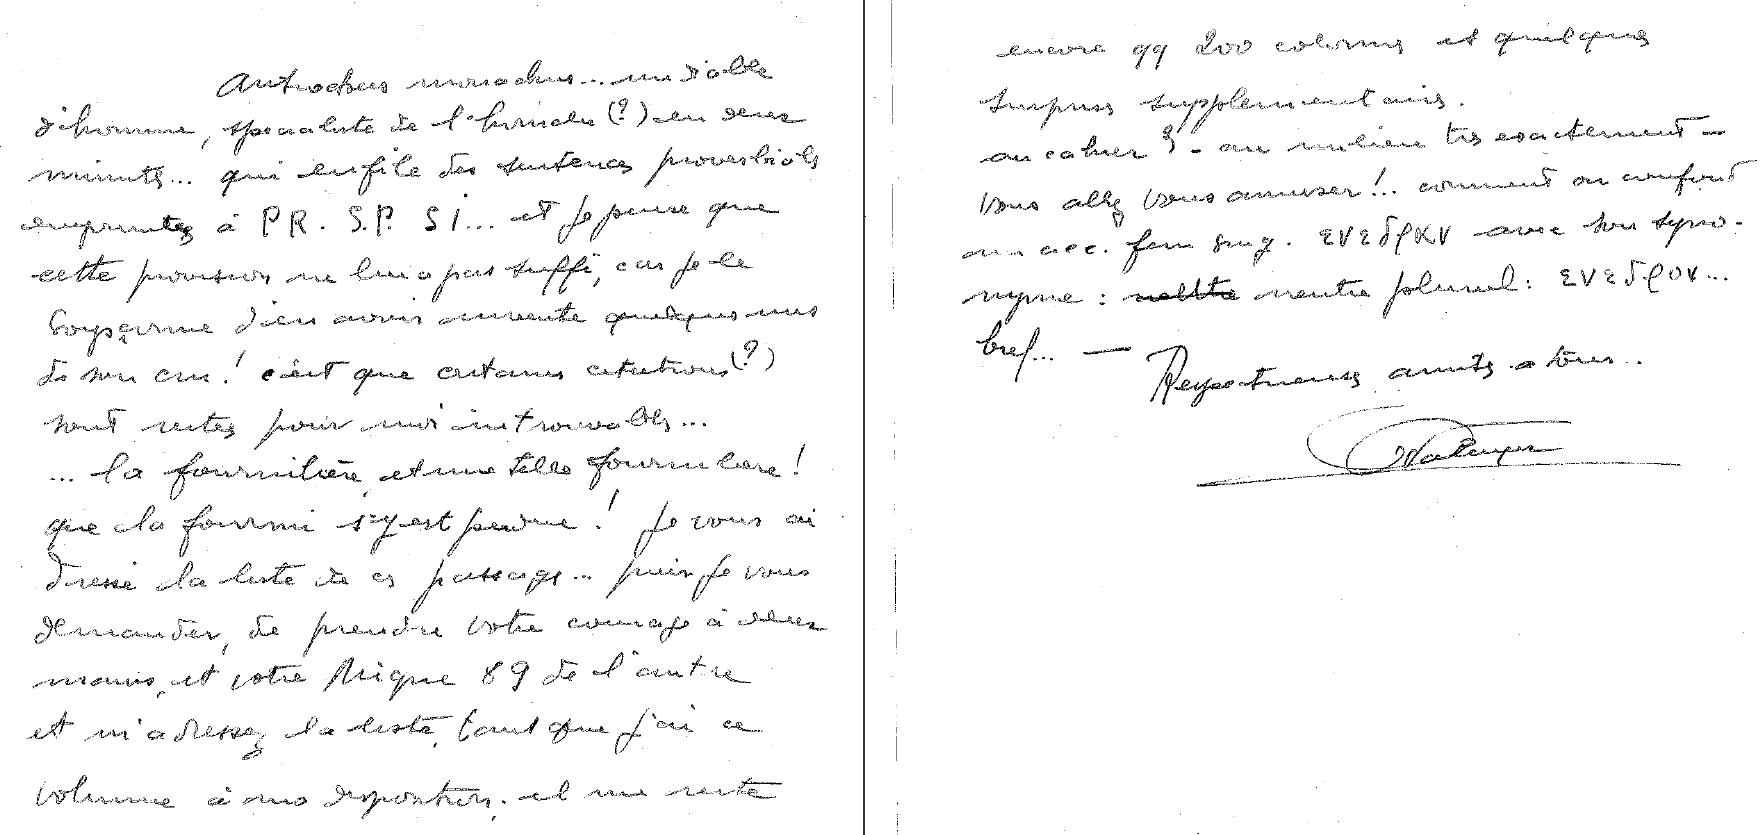 Extrait d'une lettre de G. Valayer